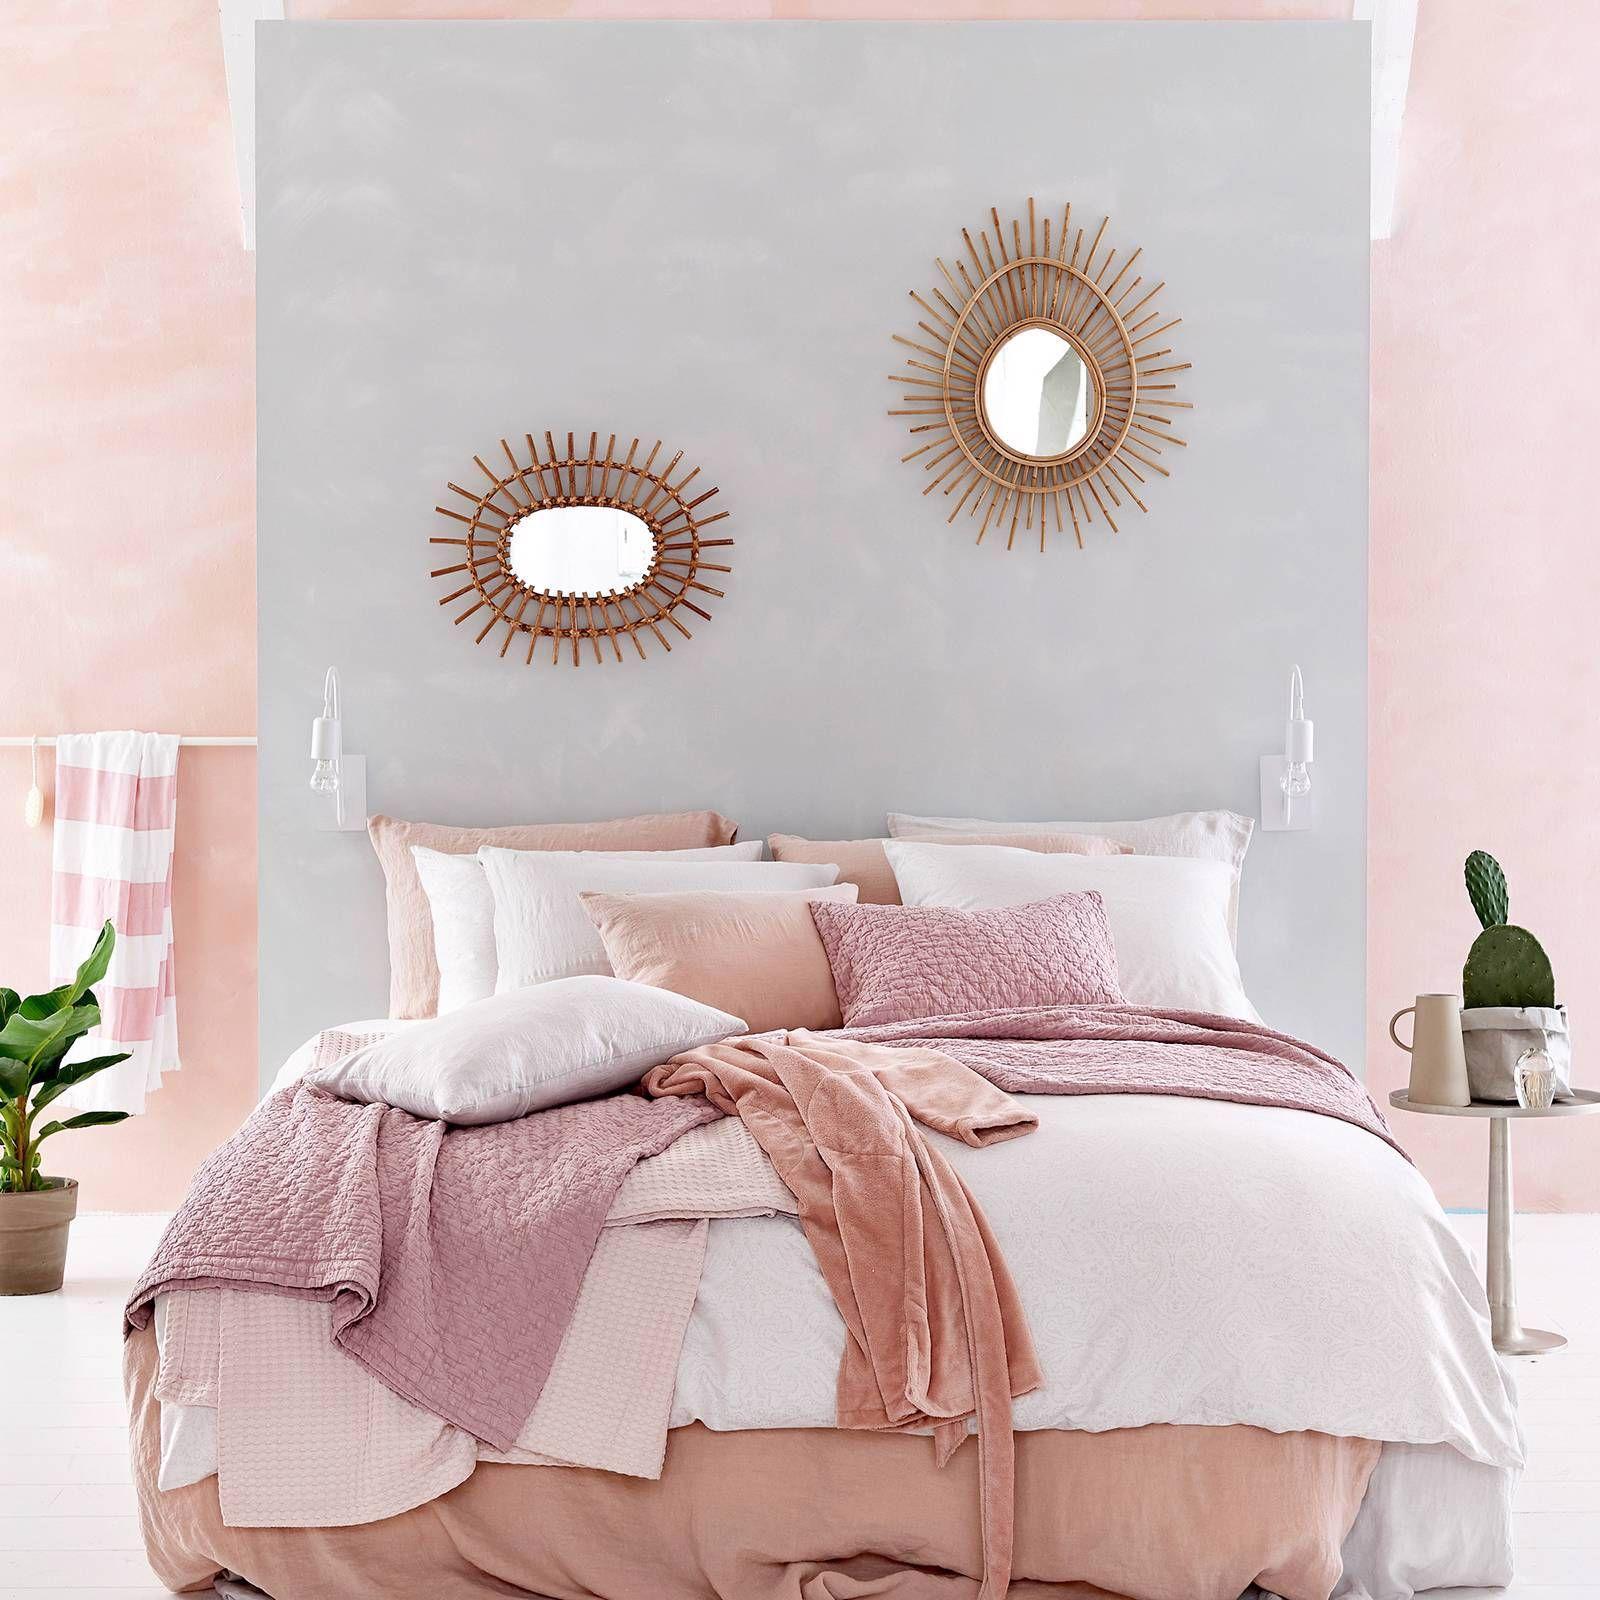 Vandyck linnen dekbedovertrek dekbedovertrek roze slaapkamer